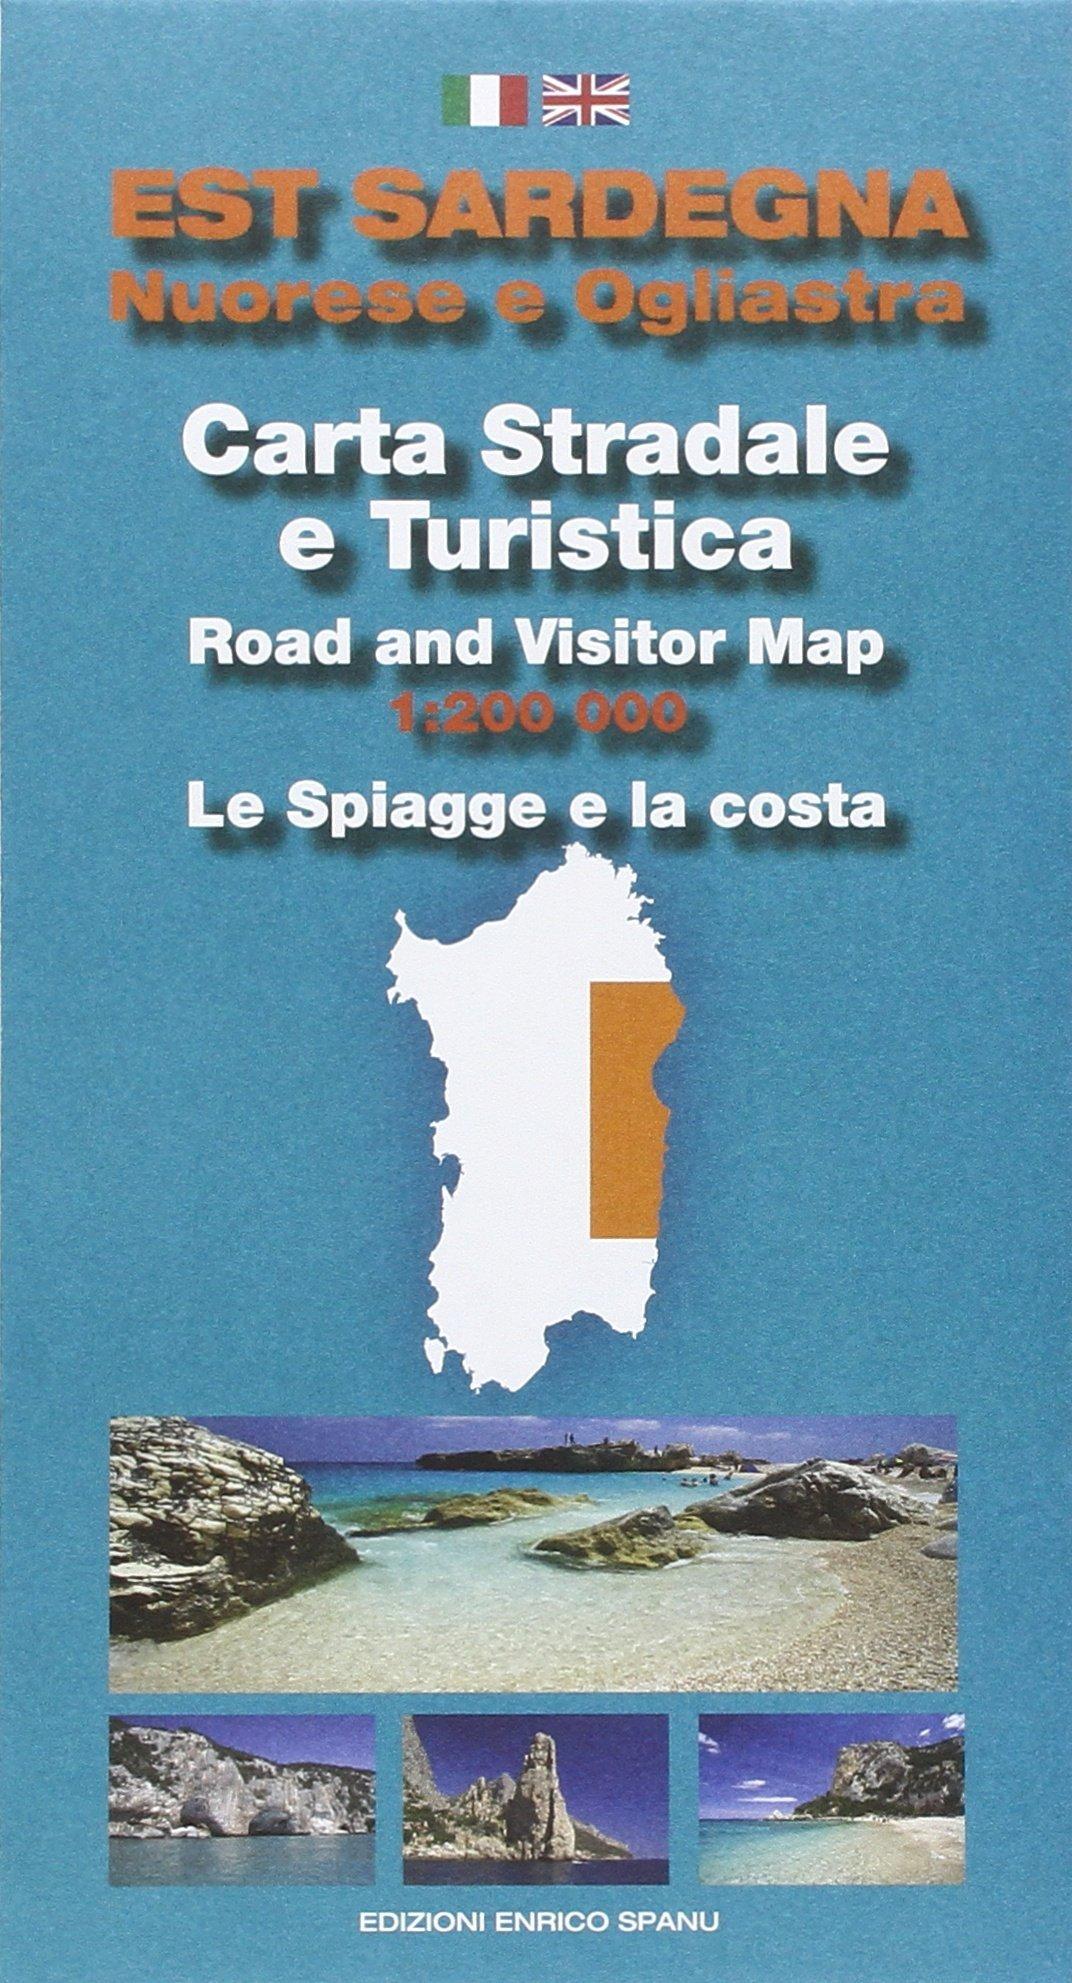 Cartina Sardegna Turistica.Amazon It Est Sardegna Nuorese E Ogliastra Carta Stradale E Turistica Le Spiagge E La Costa 1 200 000 Spanu Enrico Libri